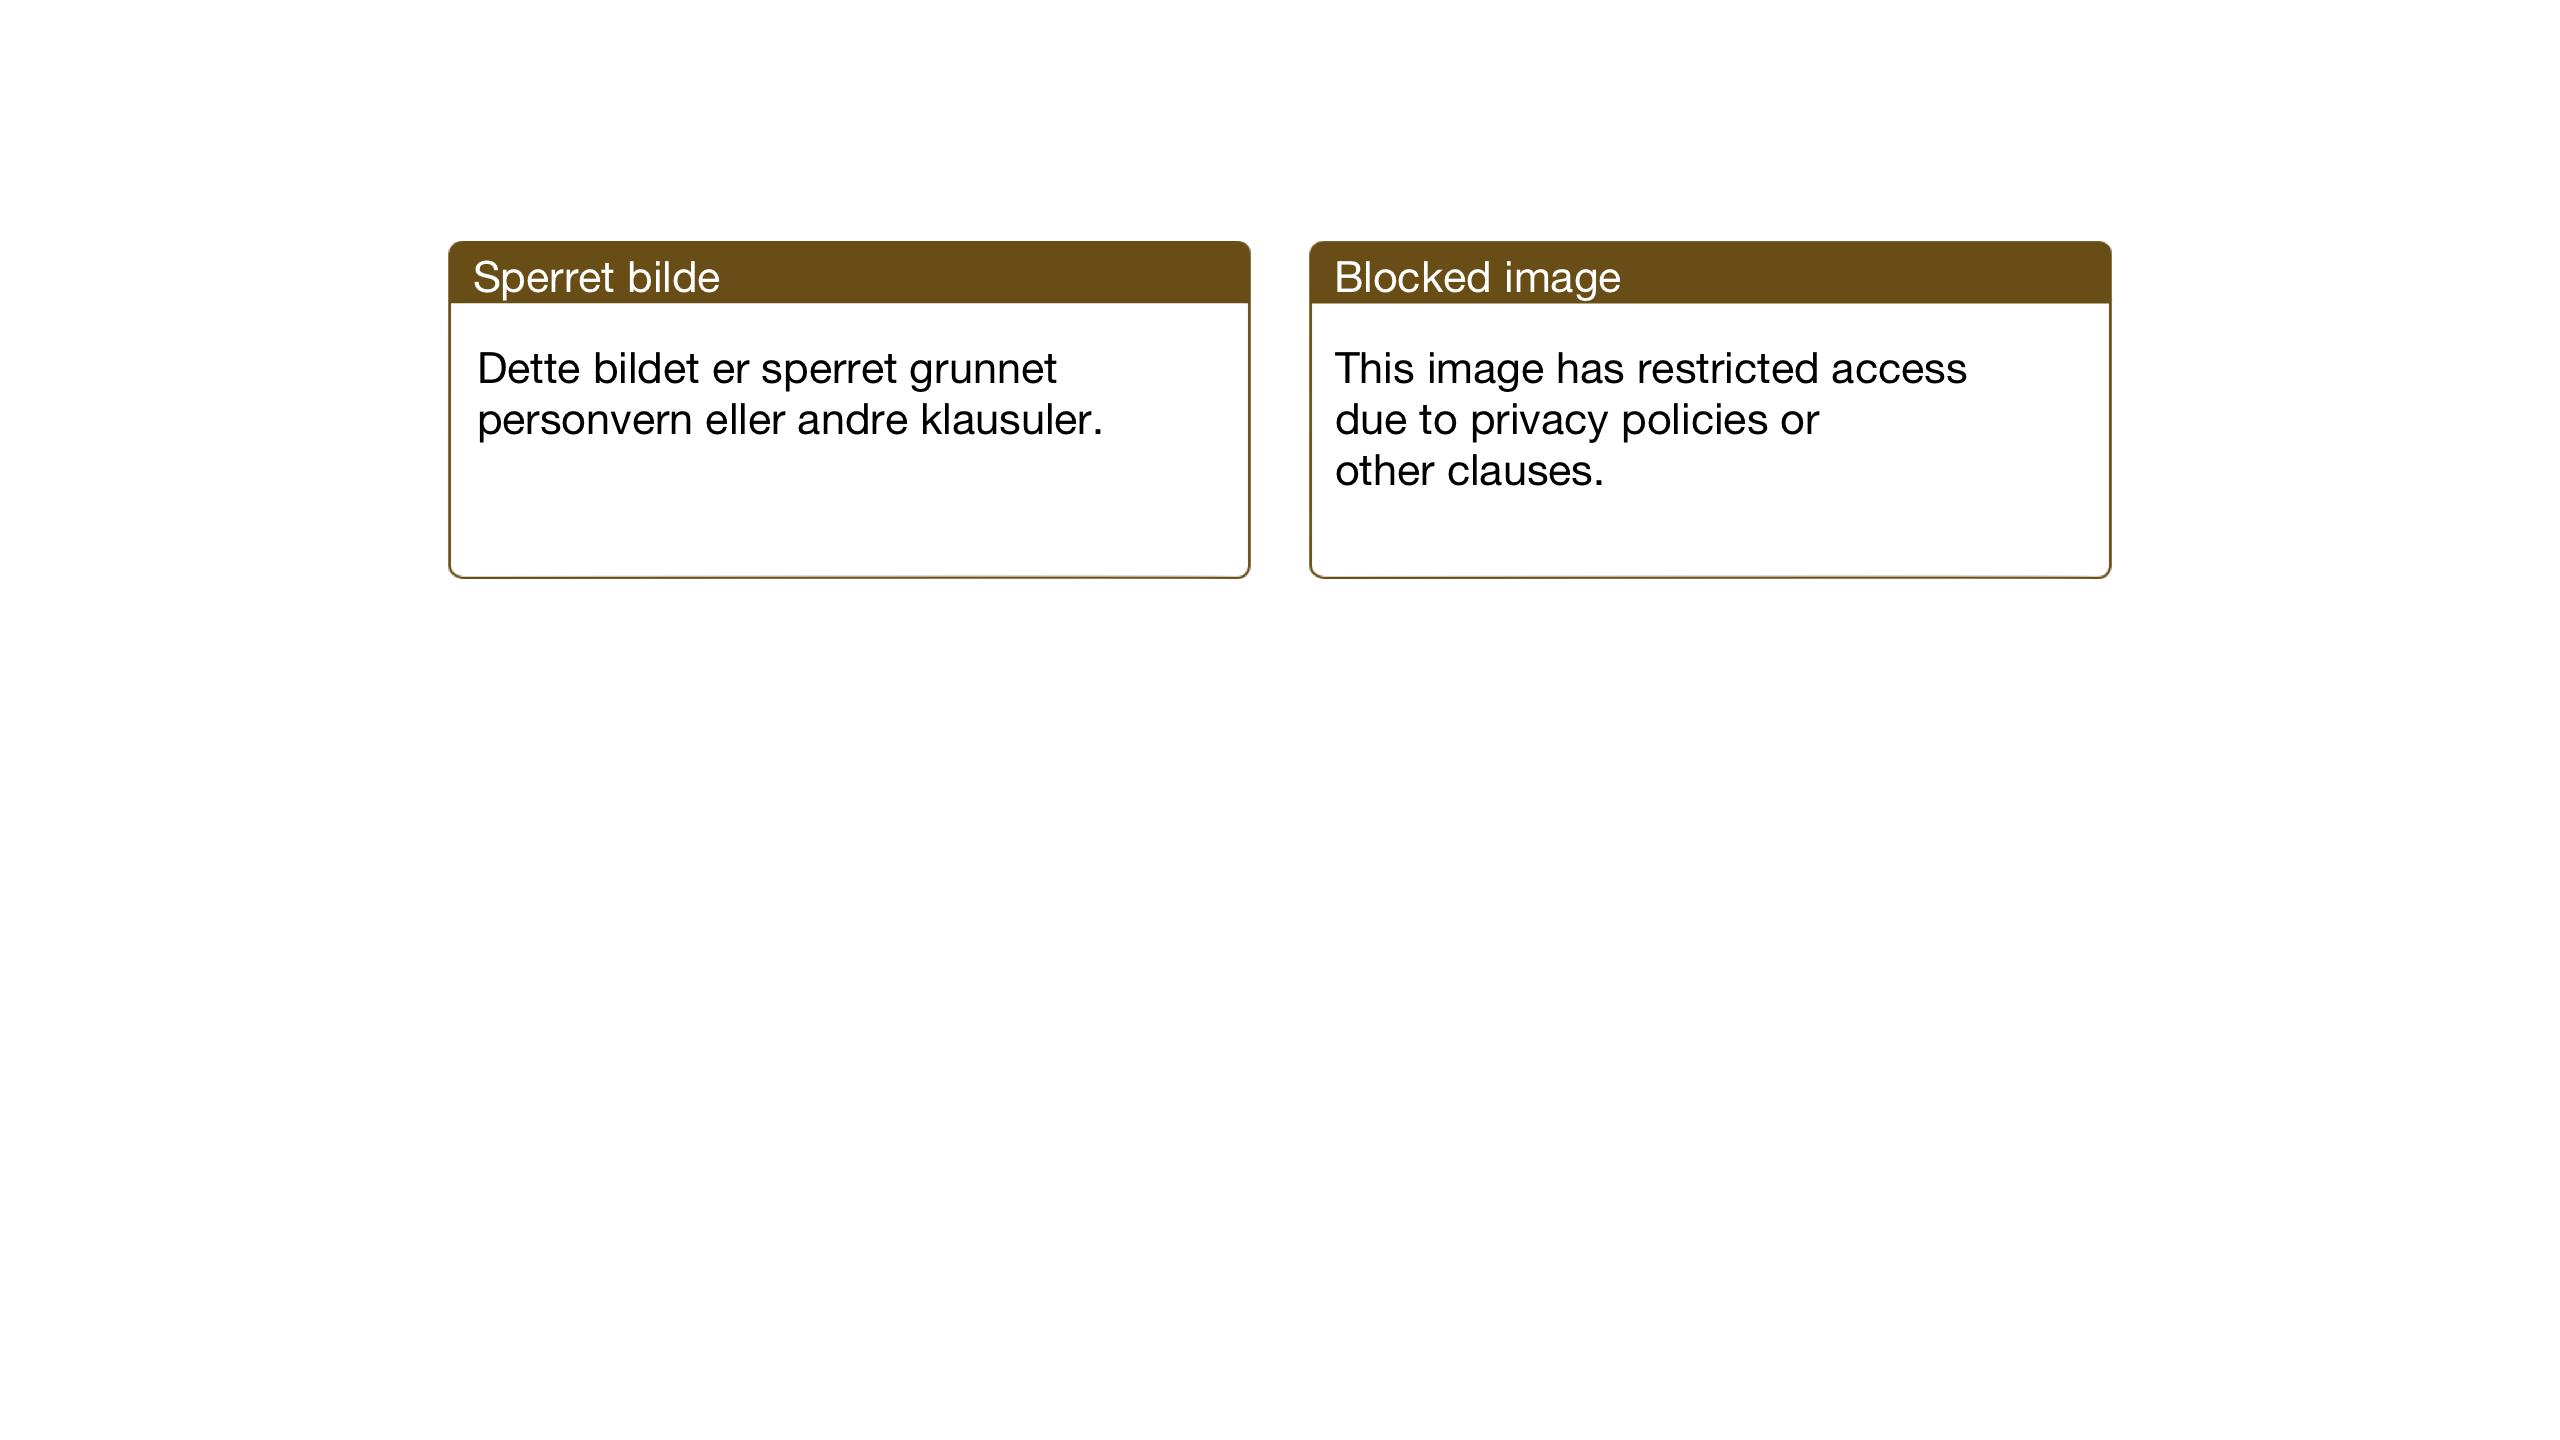 SAT, Ministerialprotokoller, klokkerbøker og fødselsregistre - Nord-Trøndelag, 786/L0689: Klokkerbok nr. 786C01, 1940-1948, s. 258-259